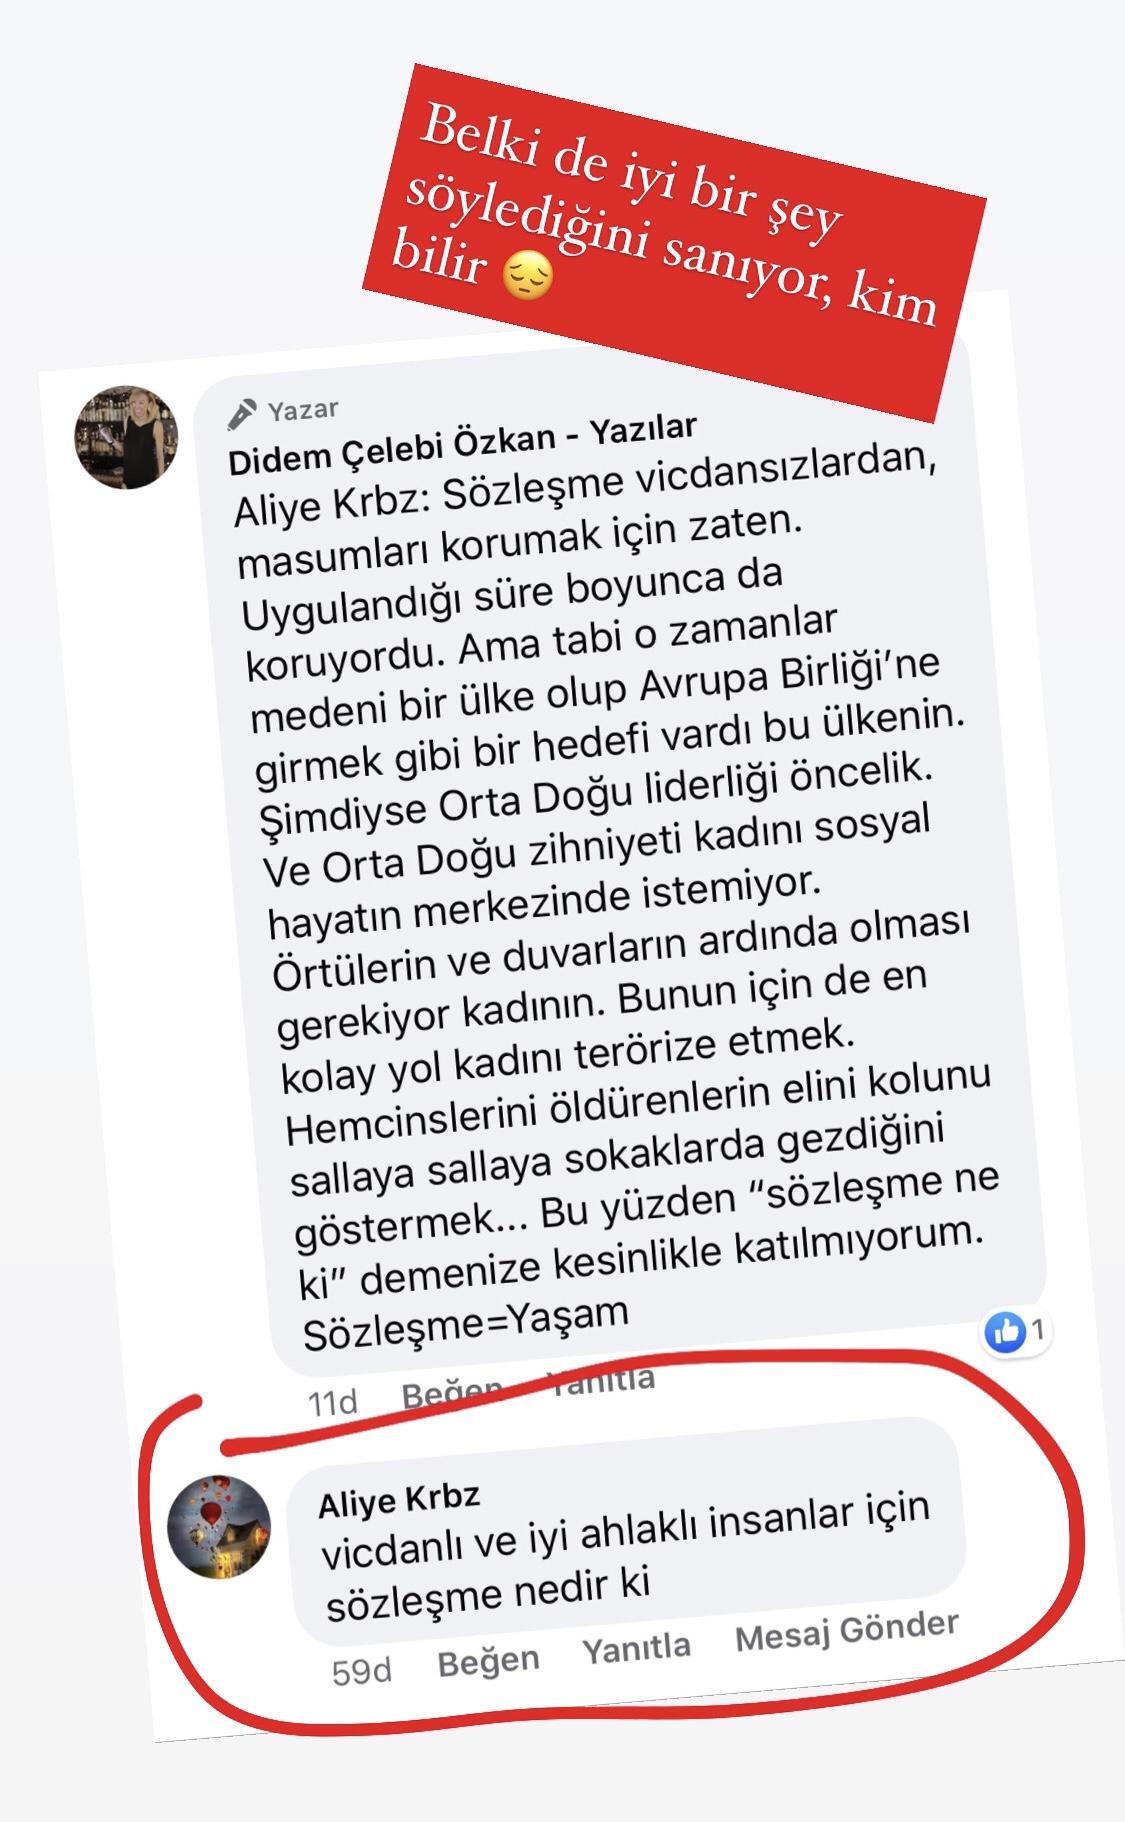 Anne, Gitme!   Didem Çelebi Özkan Yazılar Facebook Sayfası Yorumları   01